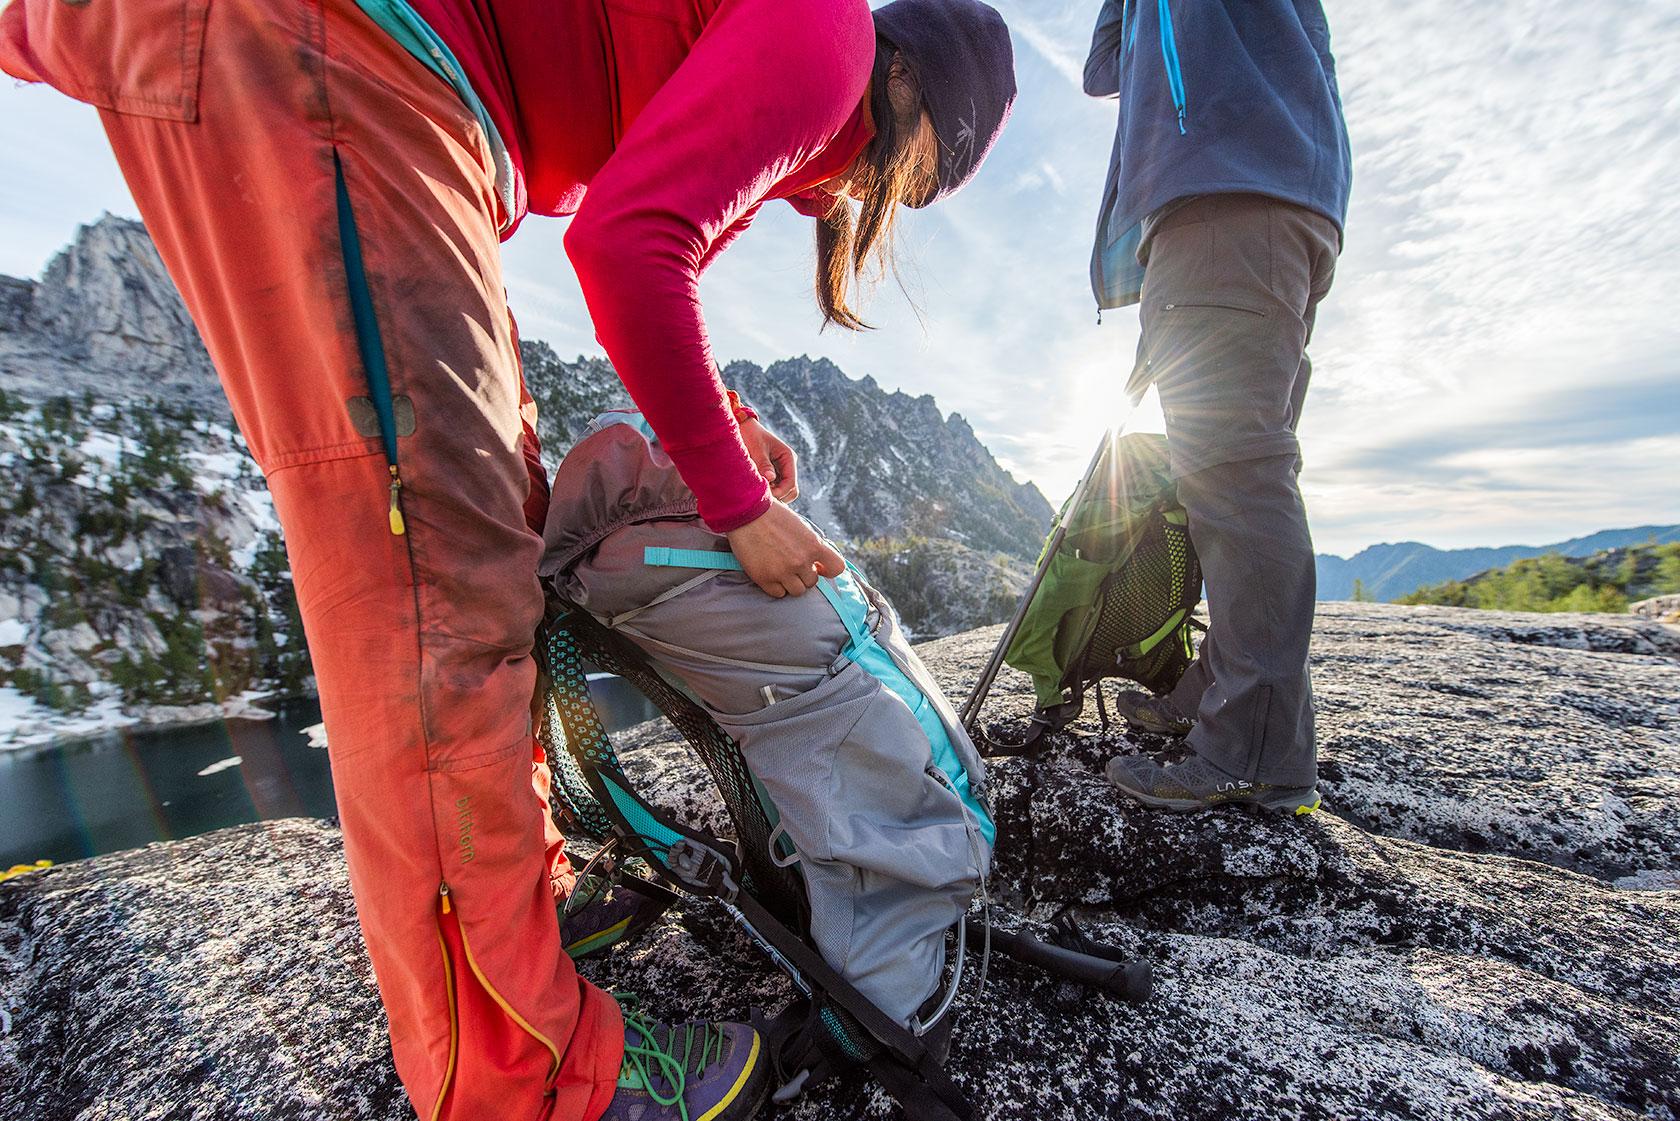 austin-trigg-osprey-hiking-backpacks-washington-lifestyle-morning-adventure-outdoor-active-hike-camp-sunrise-enchantments-sun-flare-products-alpine-lake.jpg